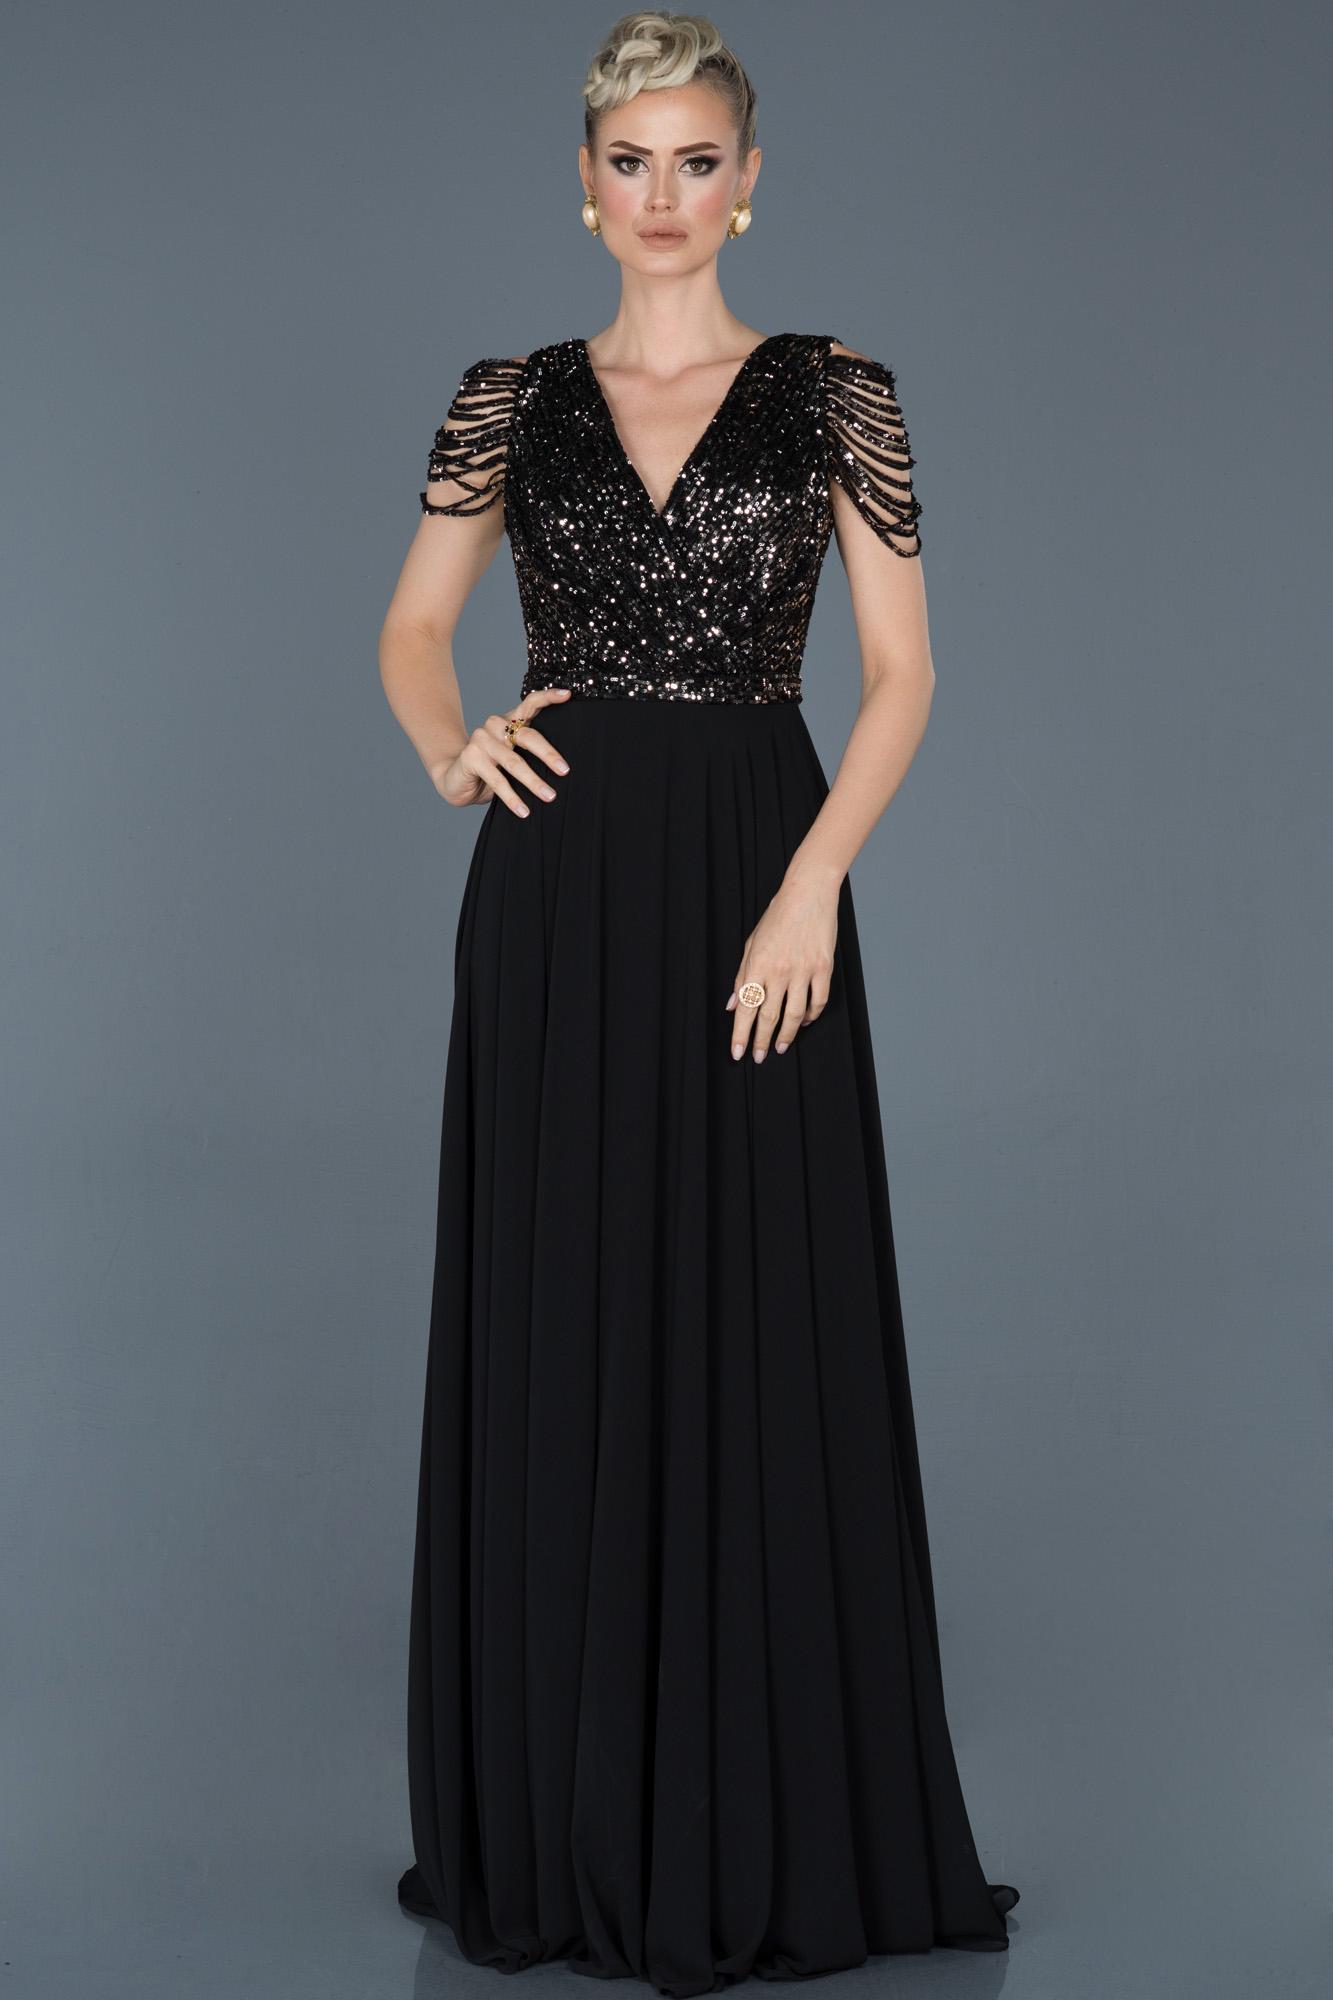 Siyah-Gümüş Uzun Pul Payet Abiye Elbise